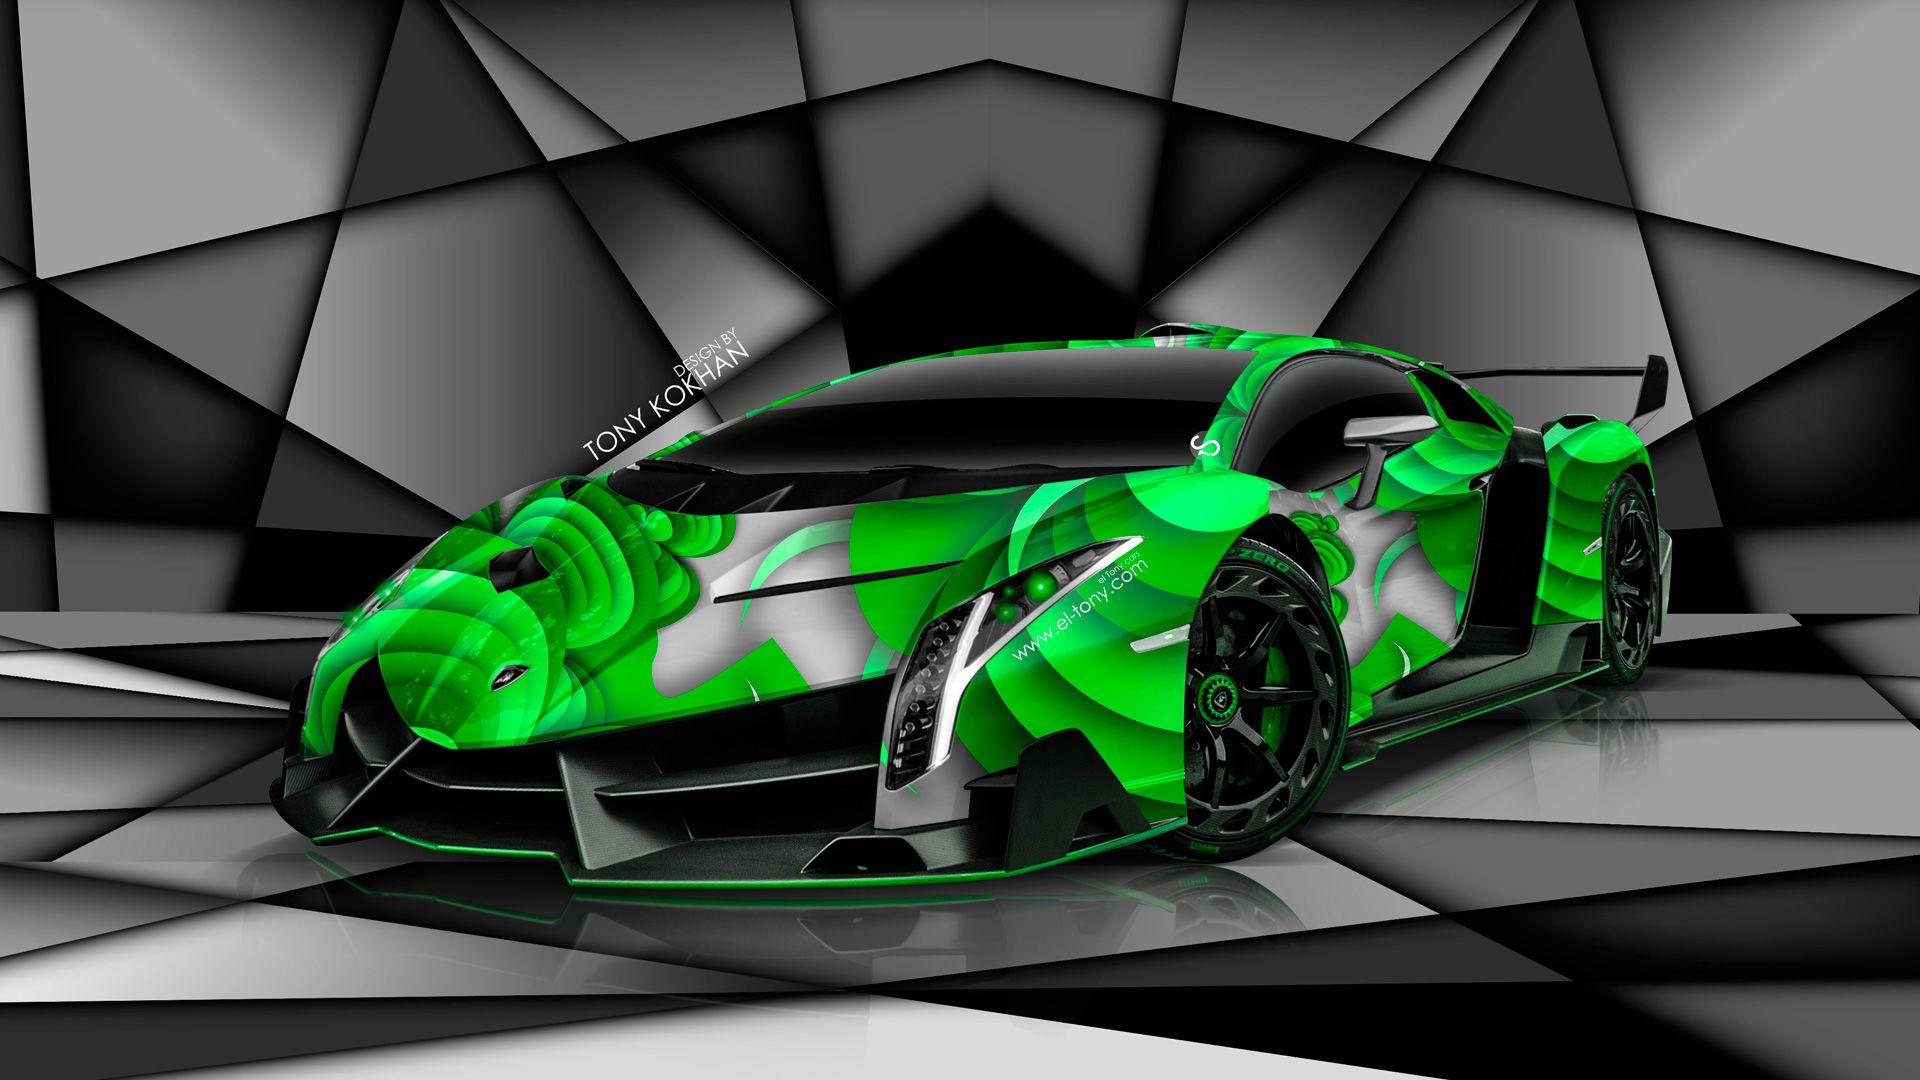 Lamborghini Veneno Green Wallpaper Free | Meglátogatandó ...